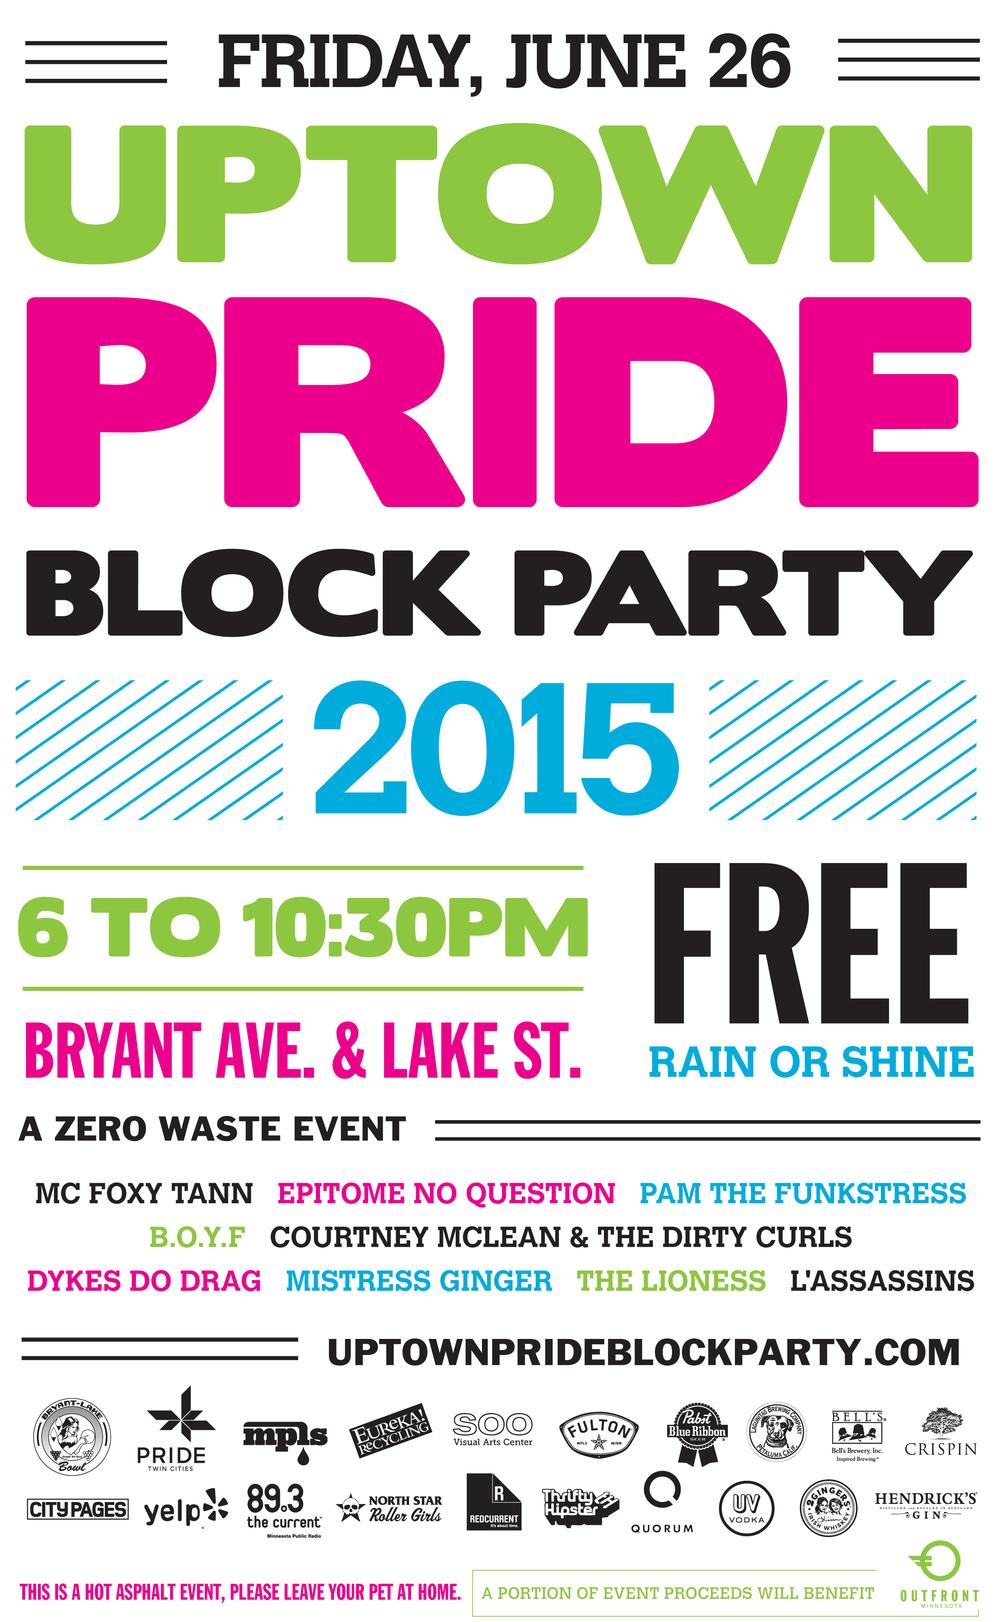 6/26/15 | 6-10:30pm | Bryant Ave & Lake St | FREE | Rain or Shine